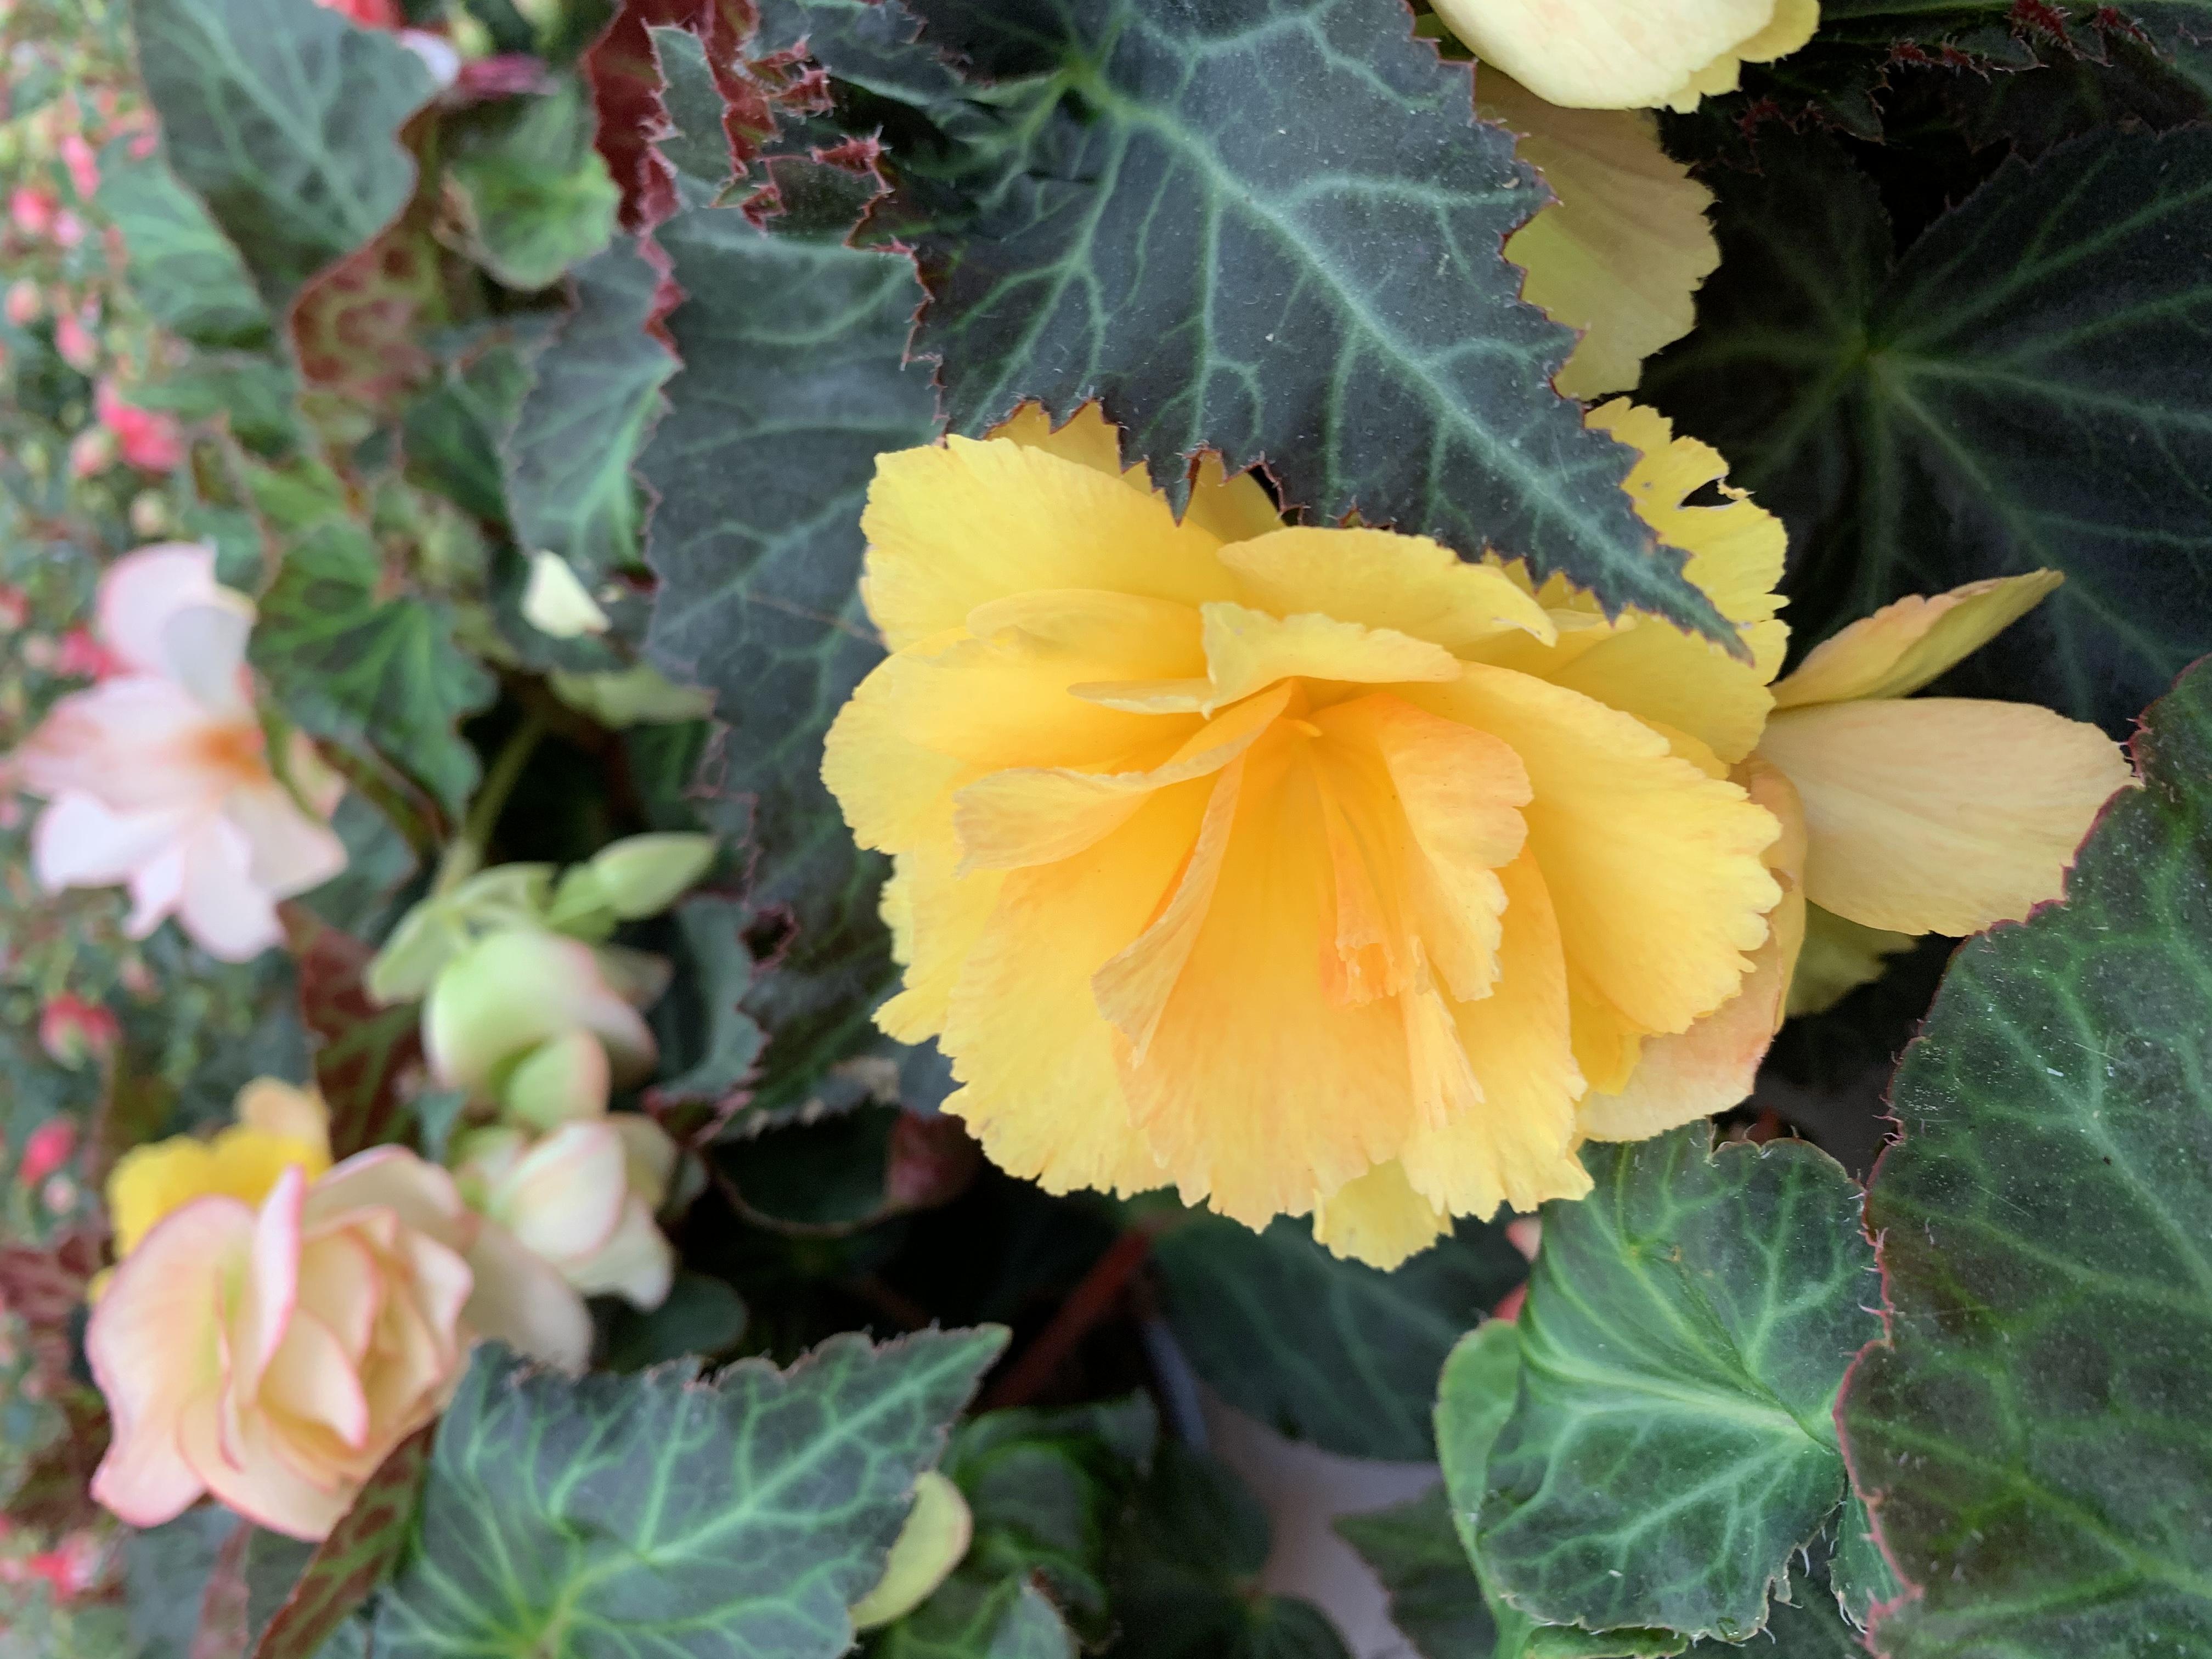 Le begonie prediligono posizioni al sole o parzialmente ombreggiate, in ogni caso comunque, al riparo da correnti di aria fredda.